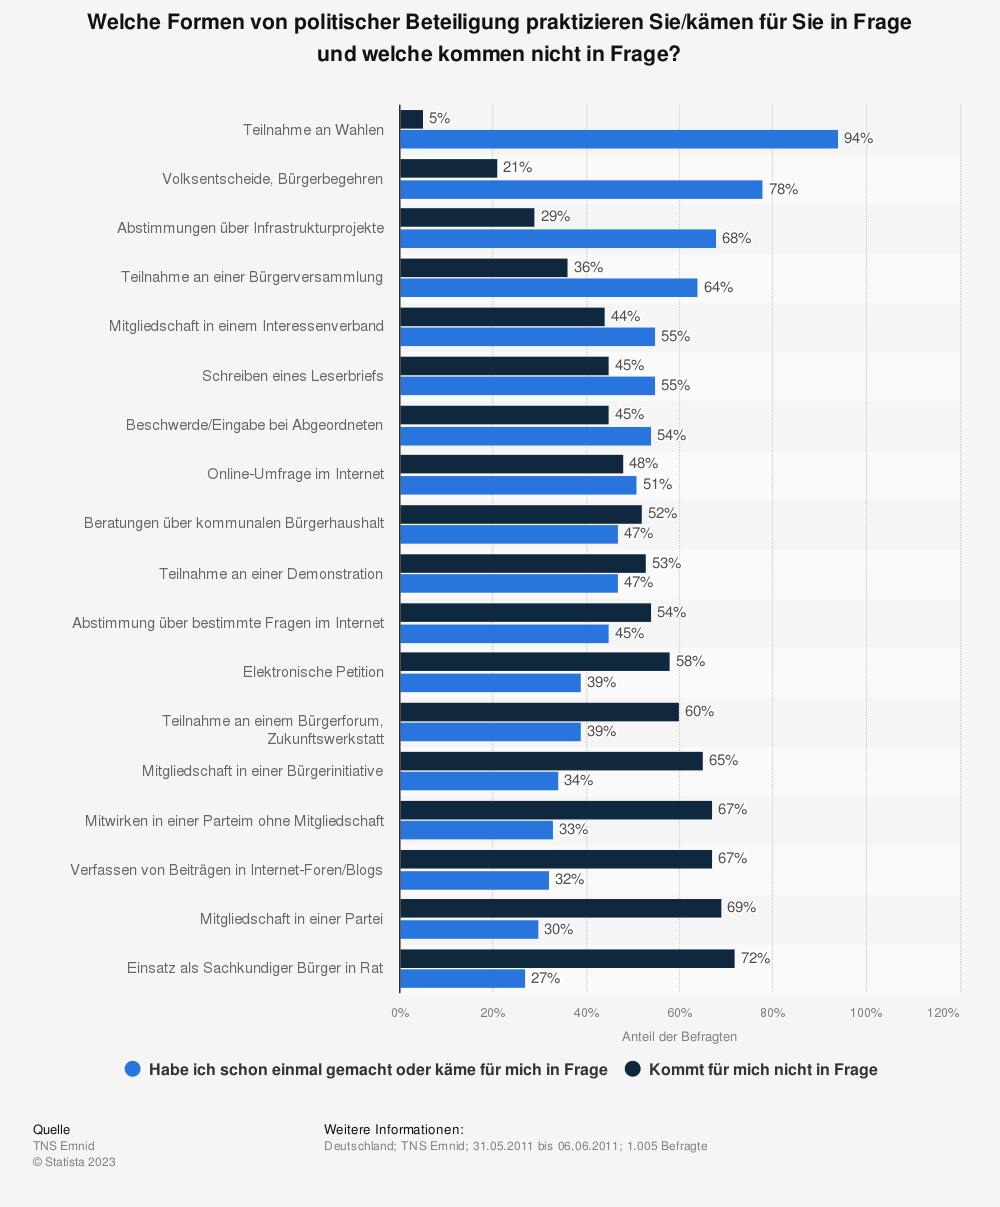 Statistik: Welche Formen von politischer Beteiligung praktizieren Sie/kämen für Sie in Frage und welche kommen nicht in Frage? | Statista